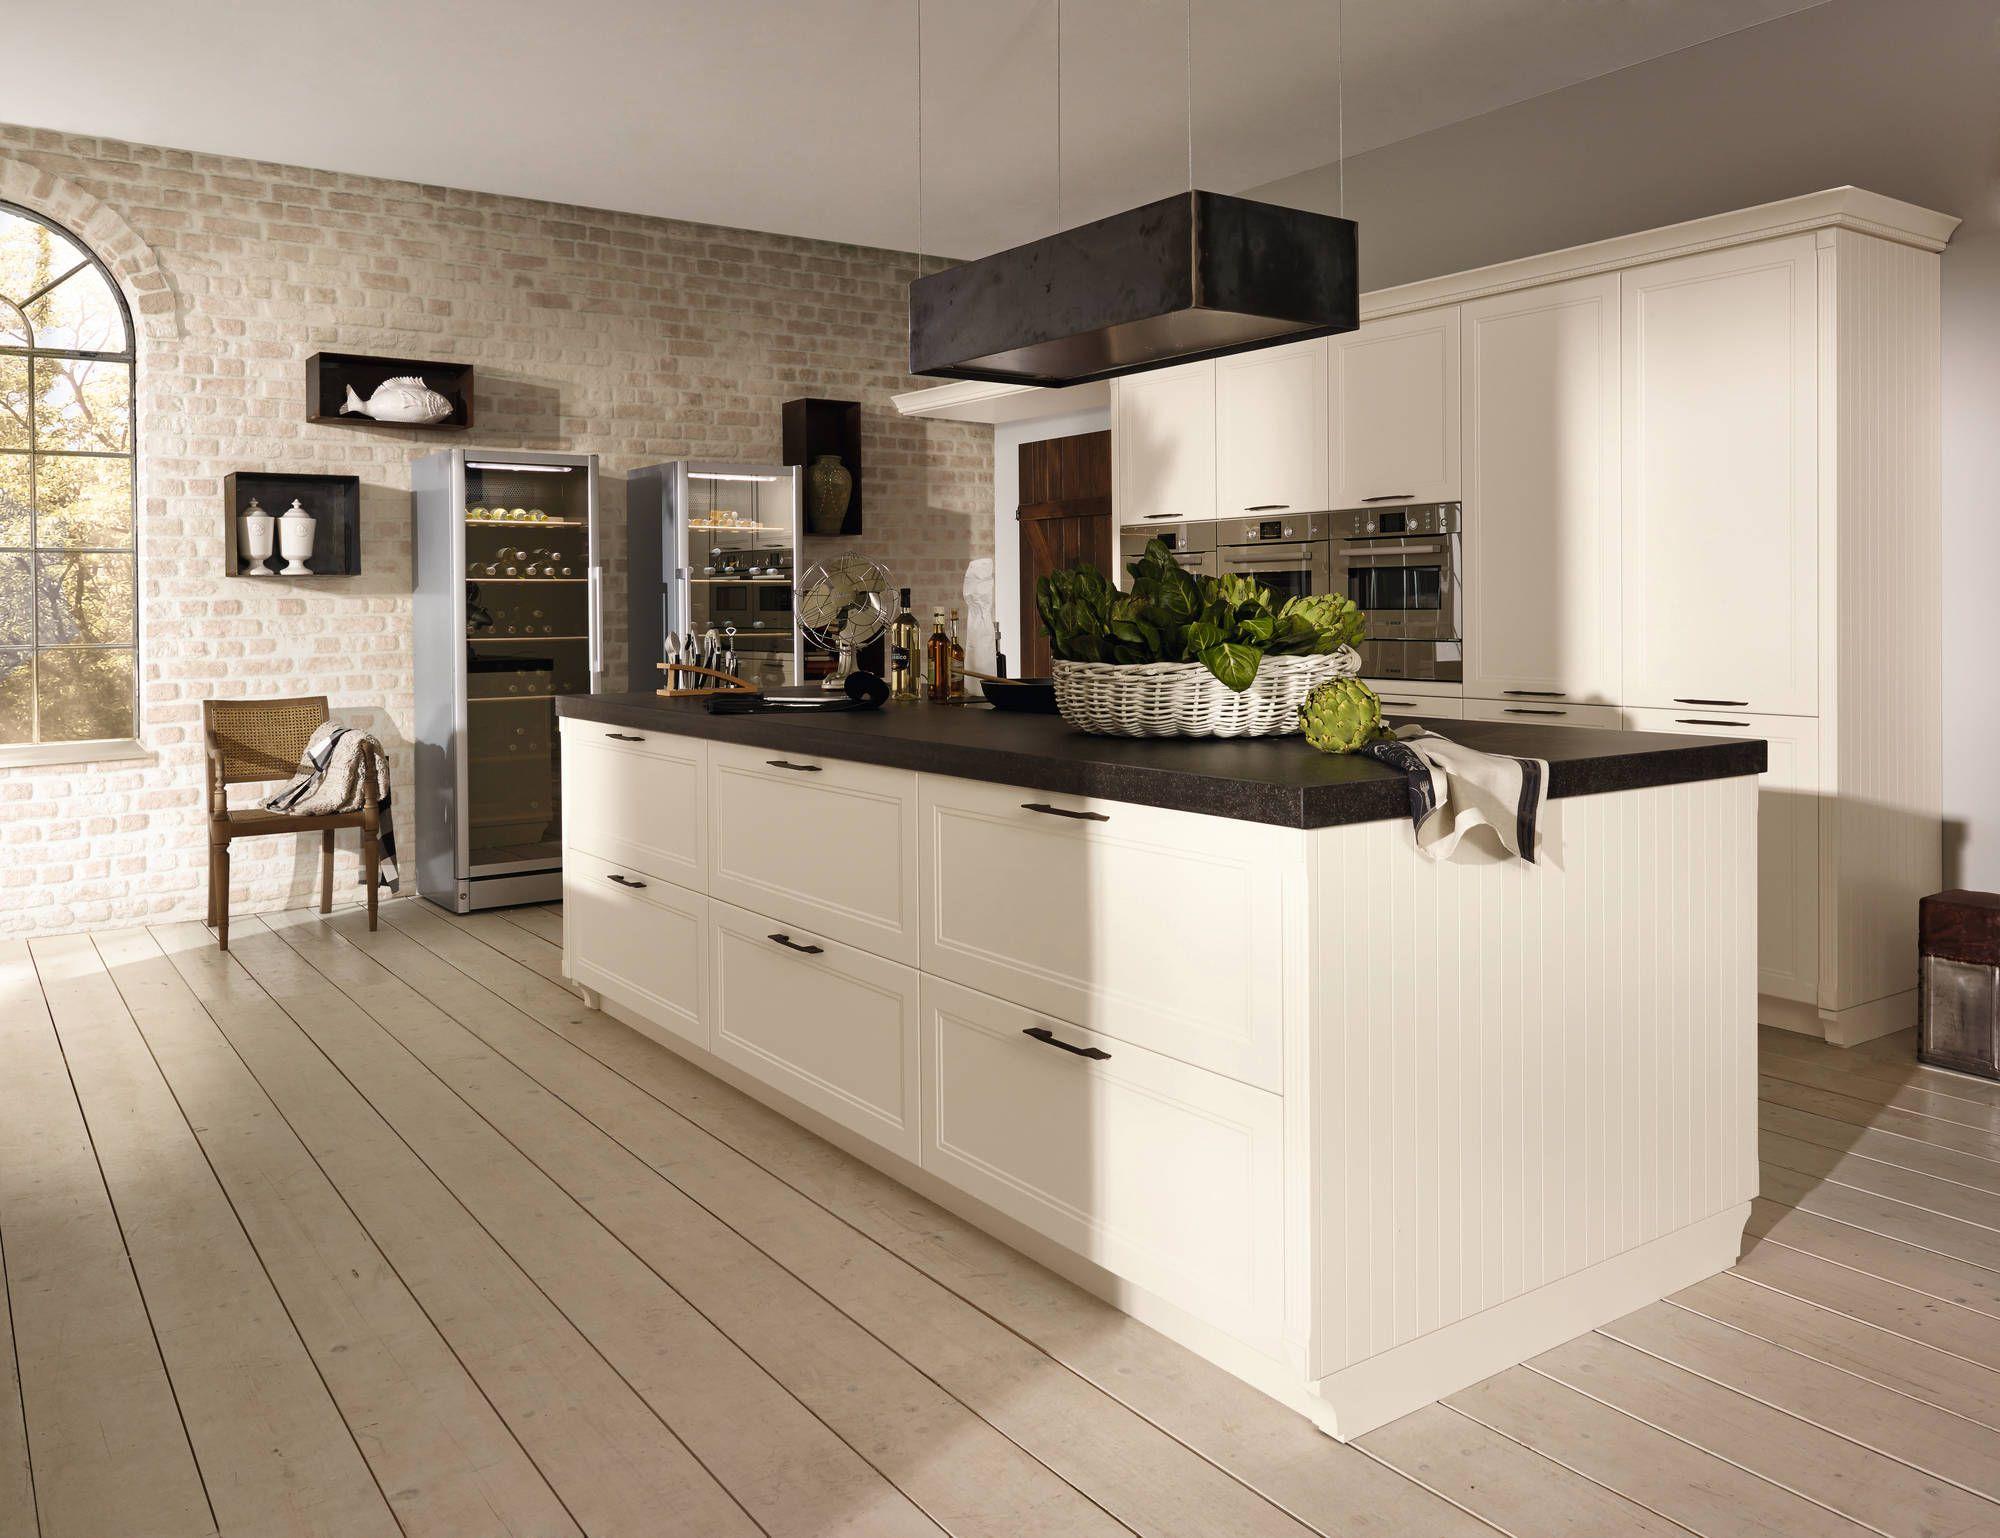 Alno küchen herzlichkeit freude pfiff möbel belegte brötchen strahlen zuhause essen moderne küche design